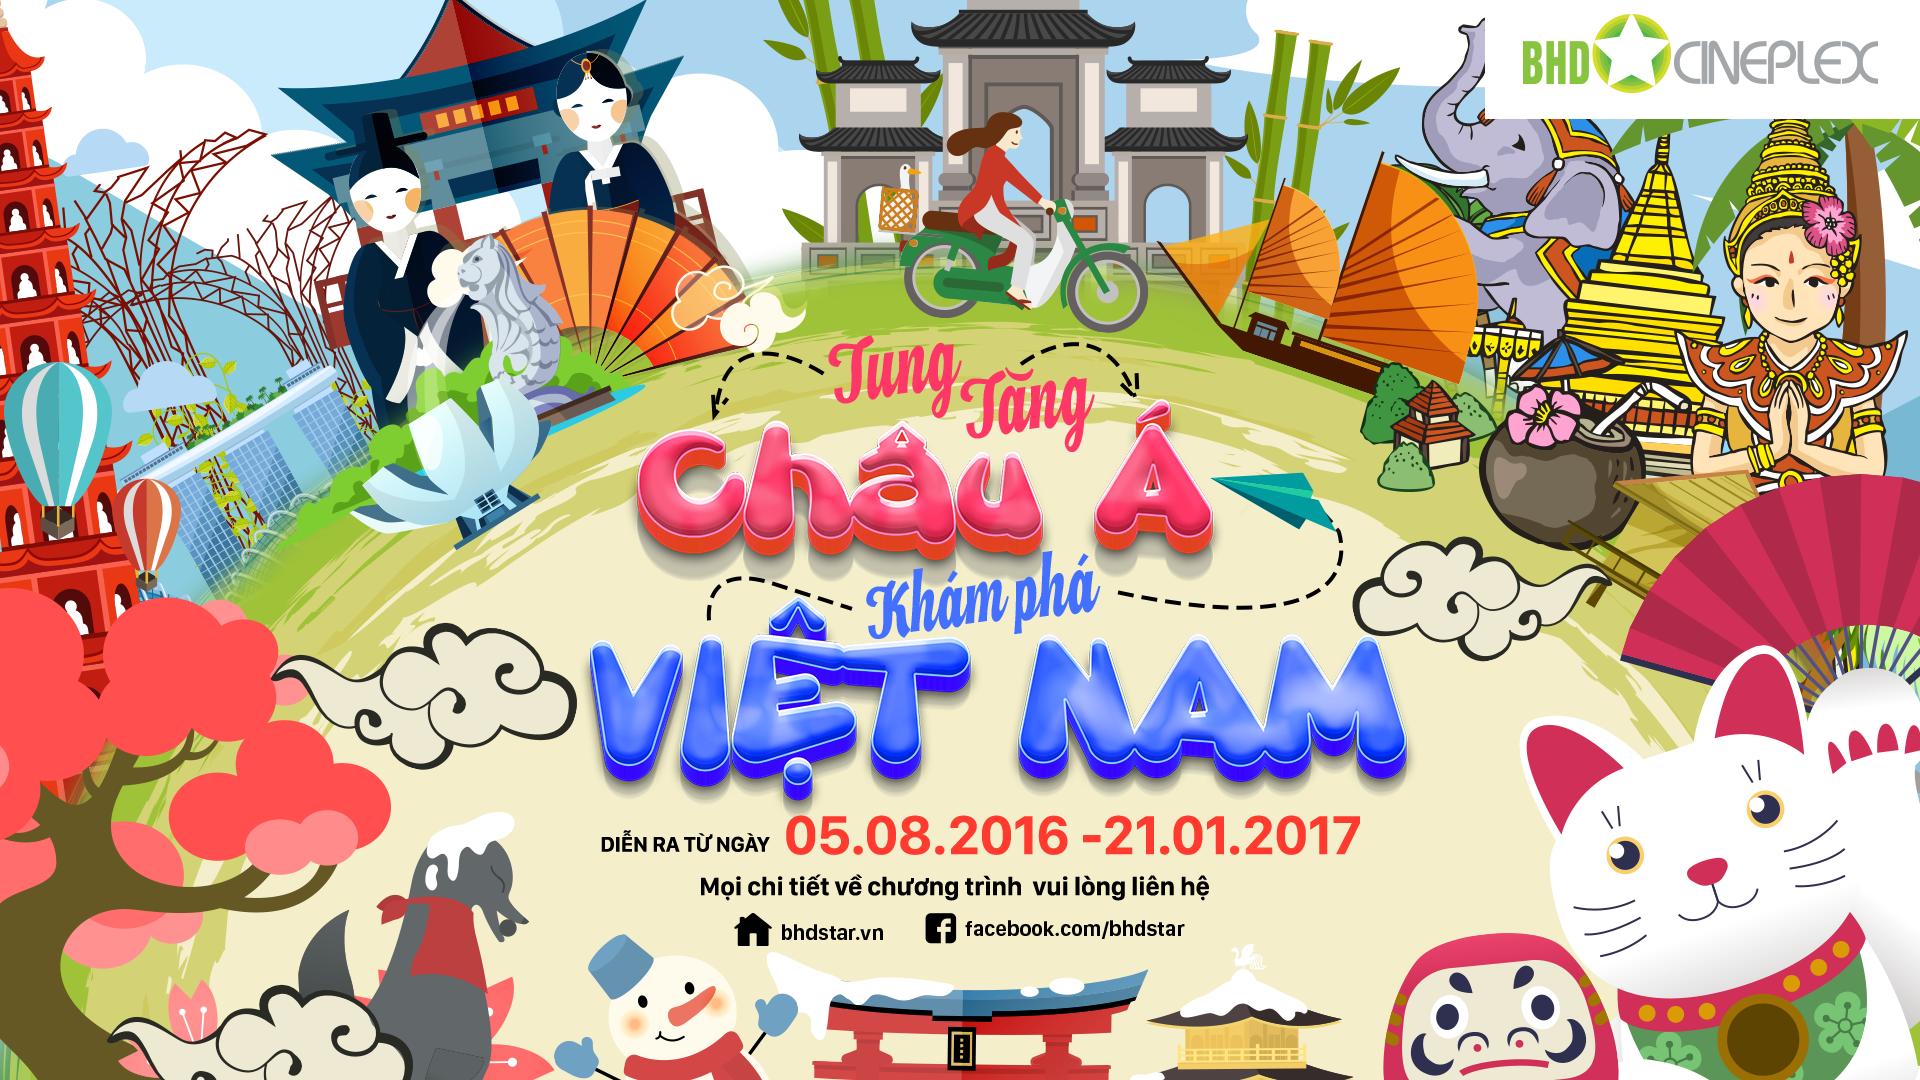 Cơ hội du lịch Châu Á dành cho thành viên BHD Star